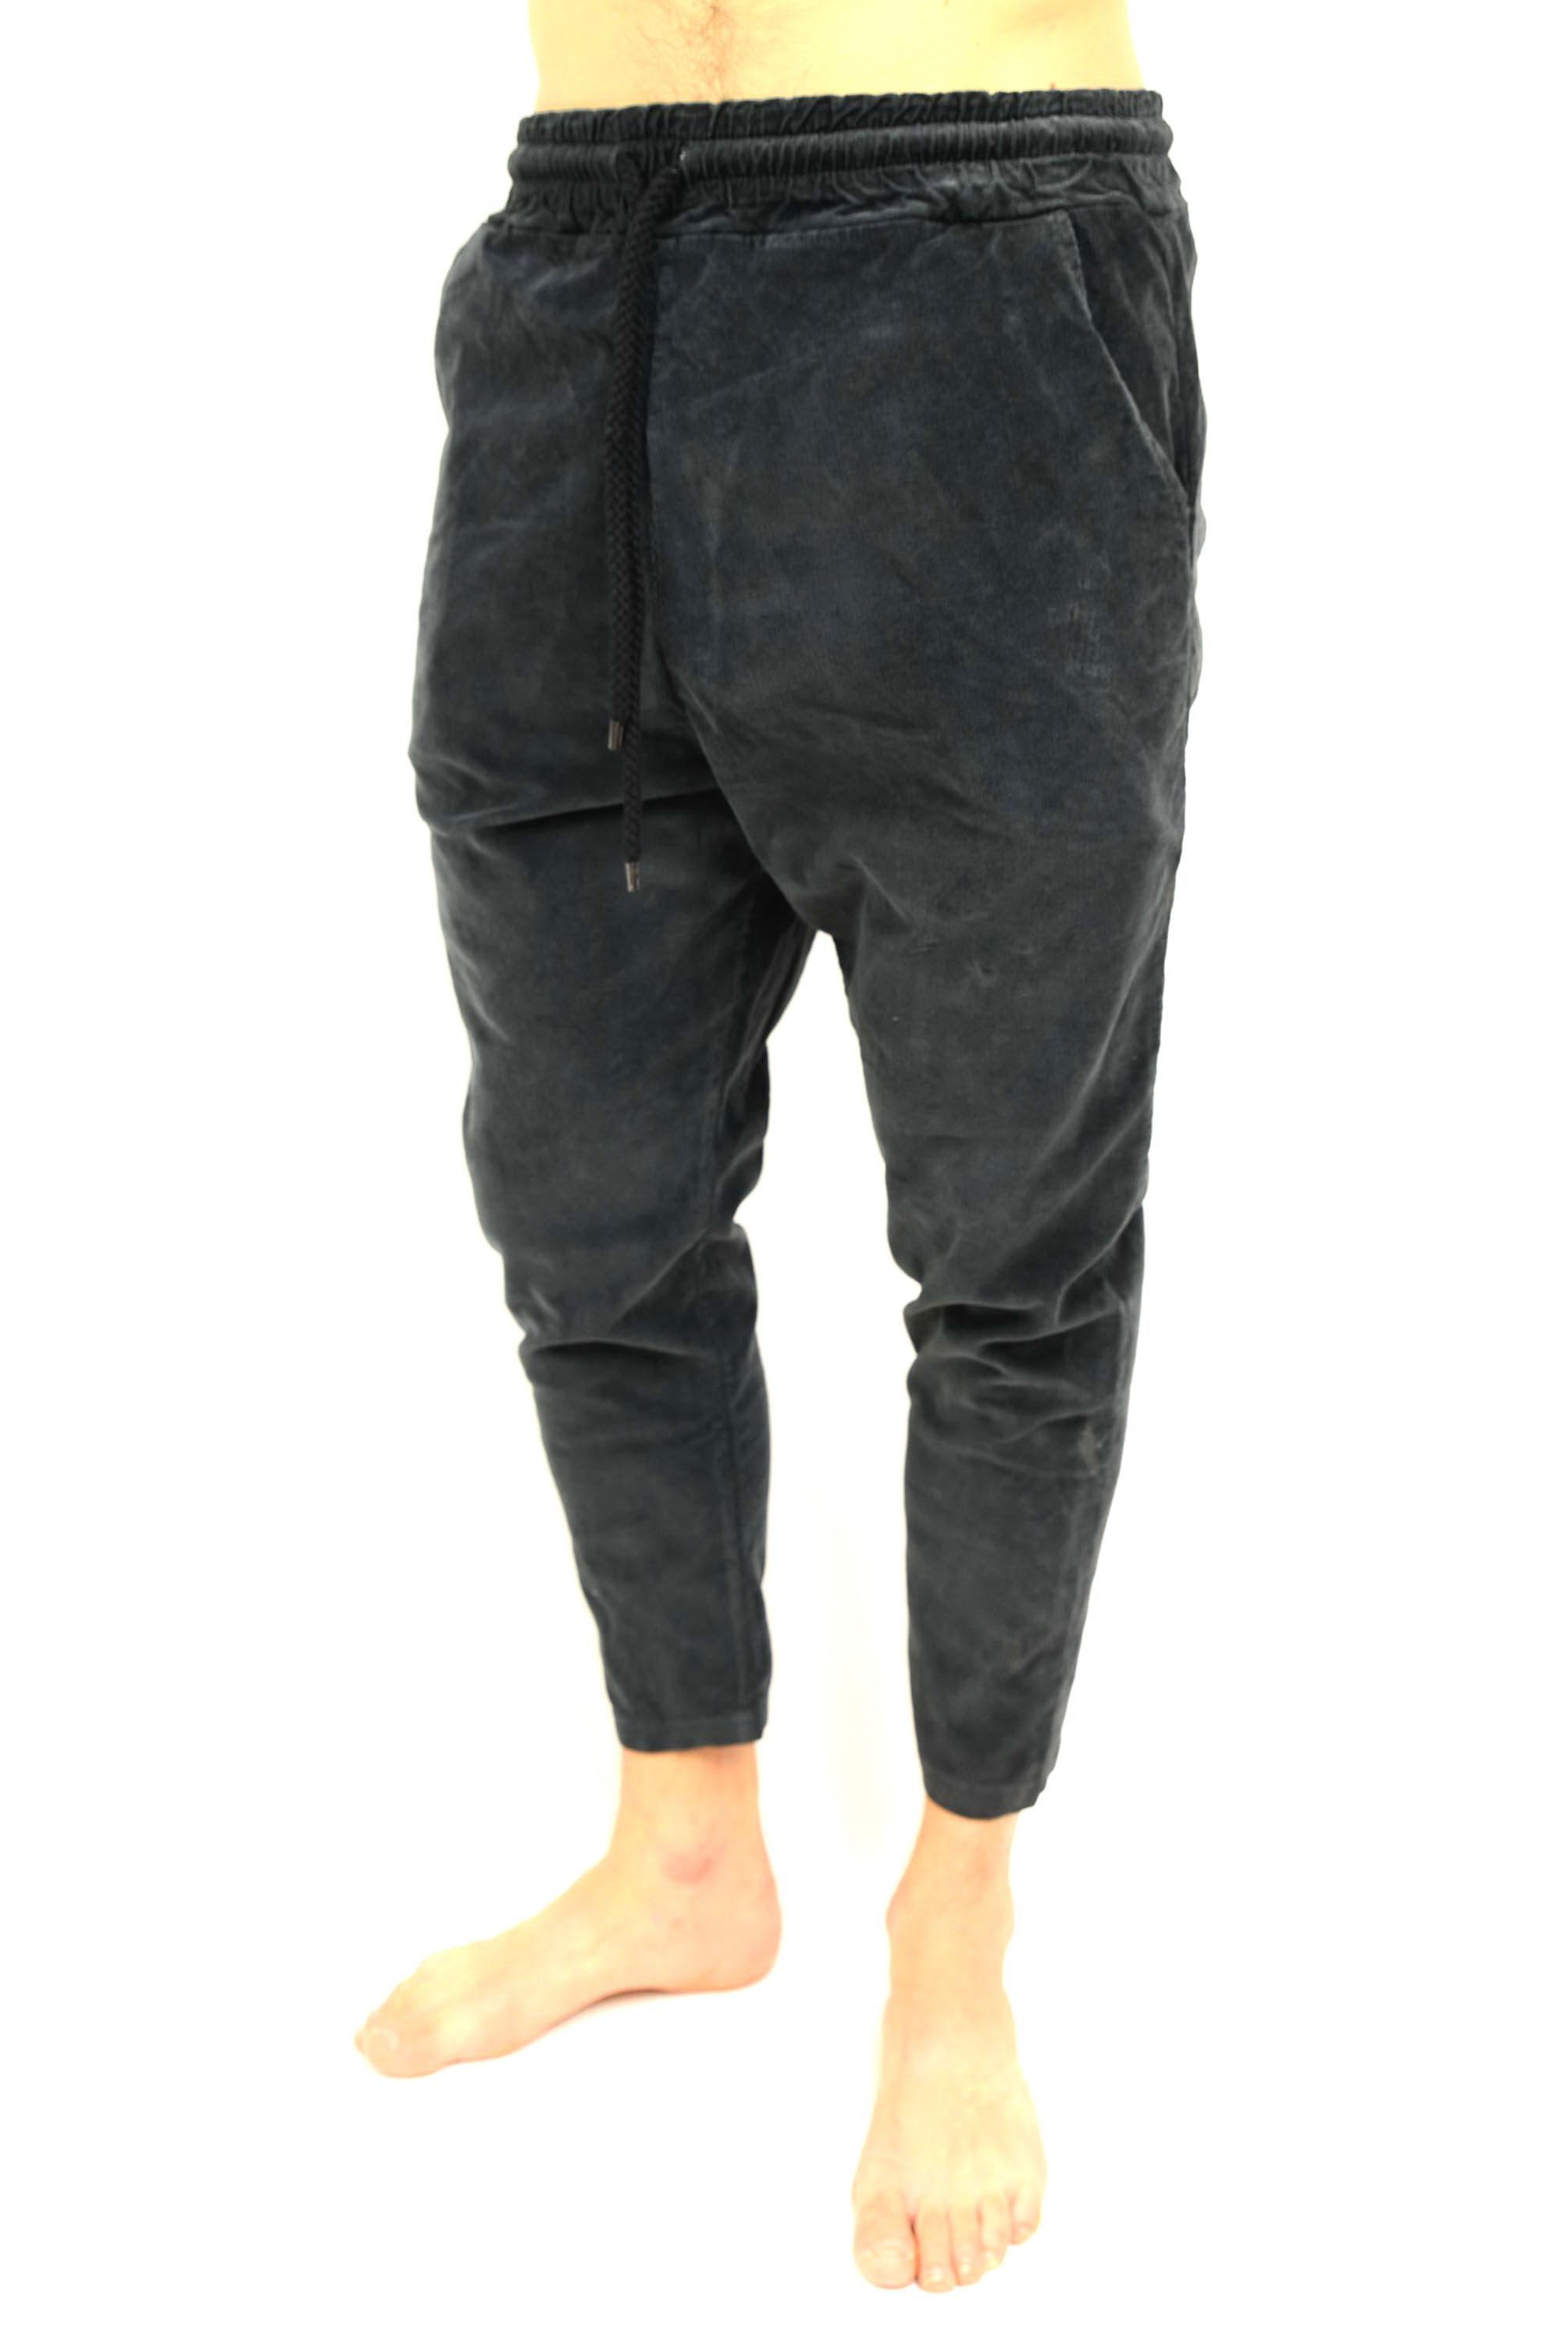 nuovo di zecca 14bde 99b00 Pantalone velluto